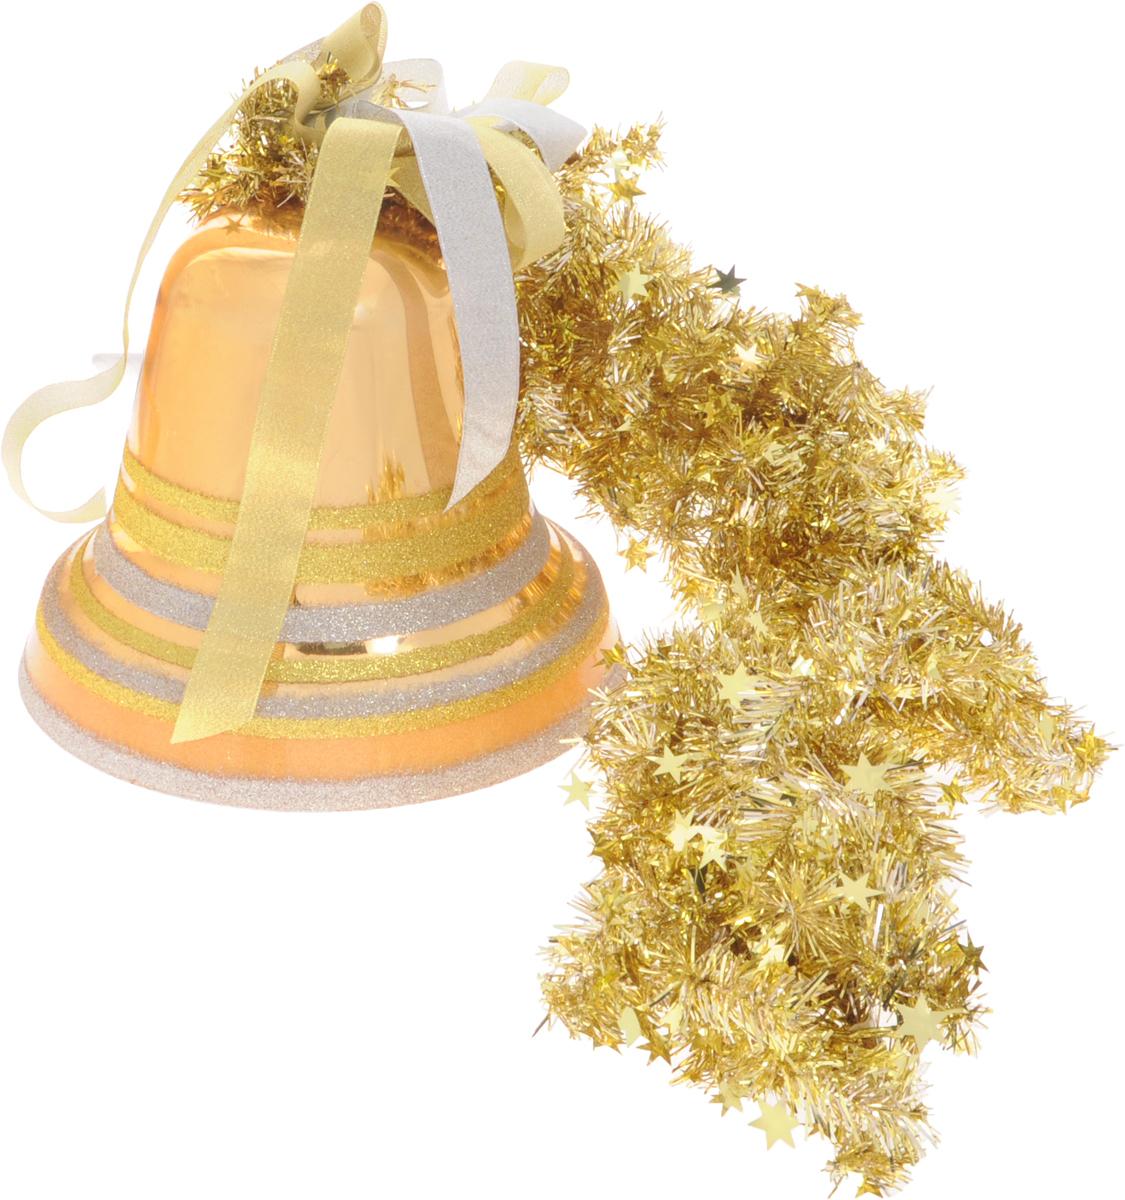 Украшение новогоднее подвесное Weiste Колокол, цвет: золотой, длина 95 смN09384Новогоднее подвесное украшение Weiste Колокол выполнено из пластика и ПВХ. Изделие оформлено блестками. С помощью мишуры украшение можно повесить в любом понравившемся вам месте.Елочная игрушка - символ Нового года. Она несет в себе волшебство и красоту праздника. Создайте в своем доме атмосферу веселья и радости, украшая новогоднюю елку нарядными игрушками, которые будут из года в год накапливать теплоту воспоминаний.Размер колокольчика: 25 х 25 х 21 см.Общая длина: 95 см.